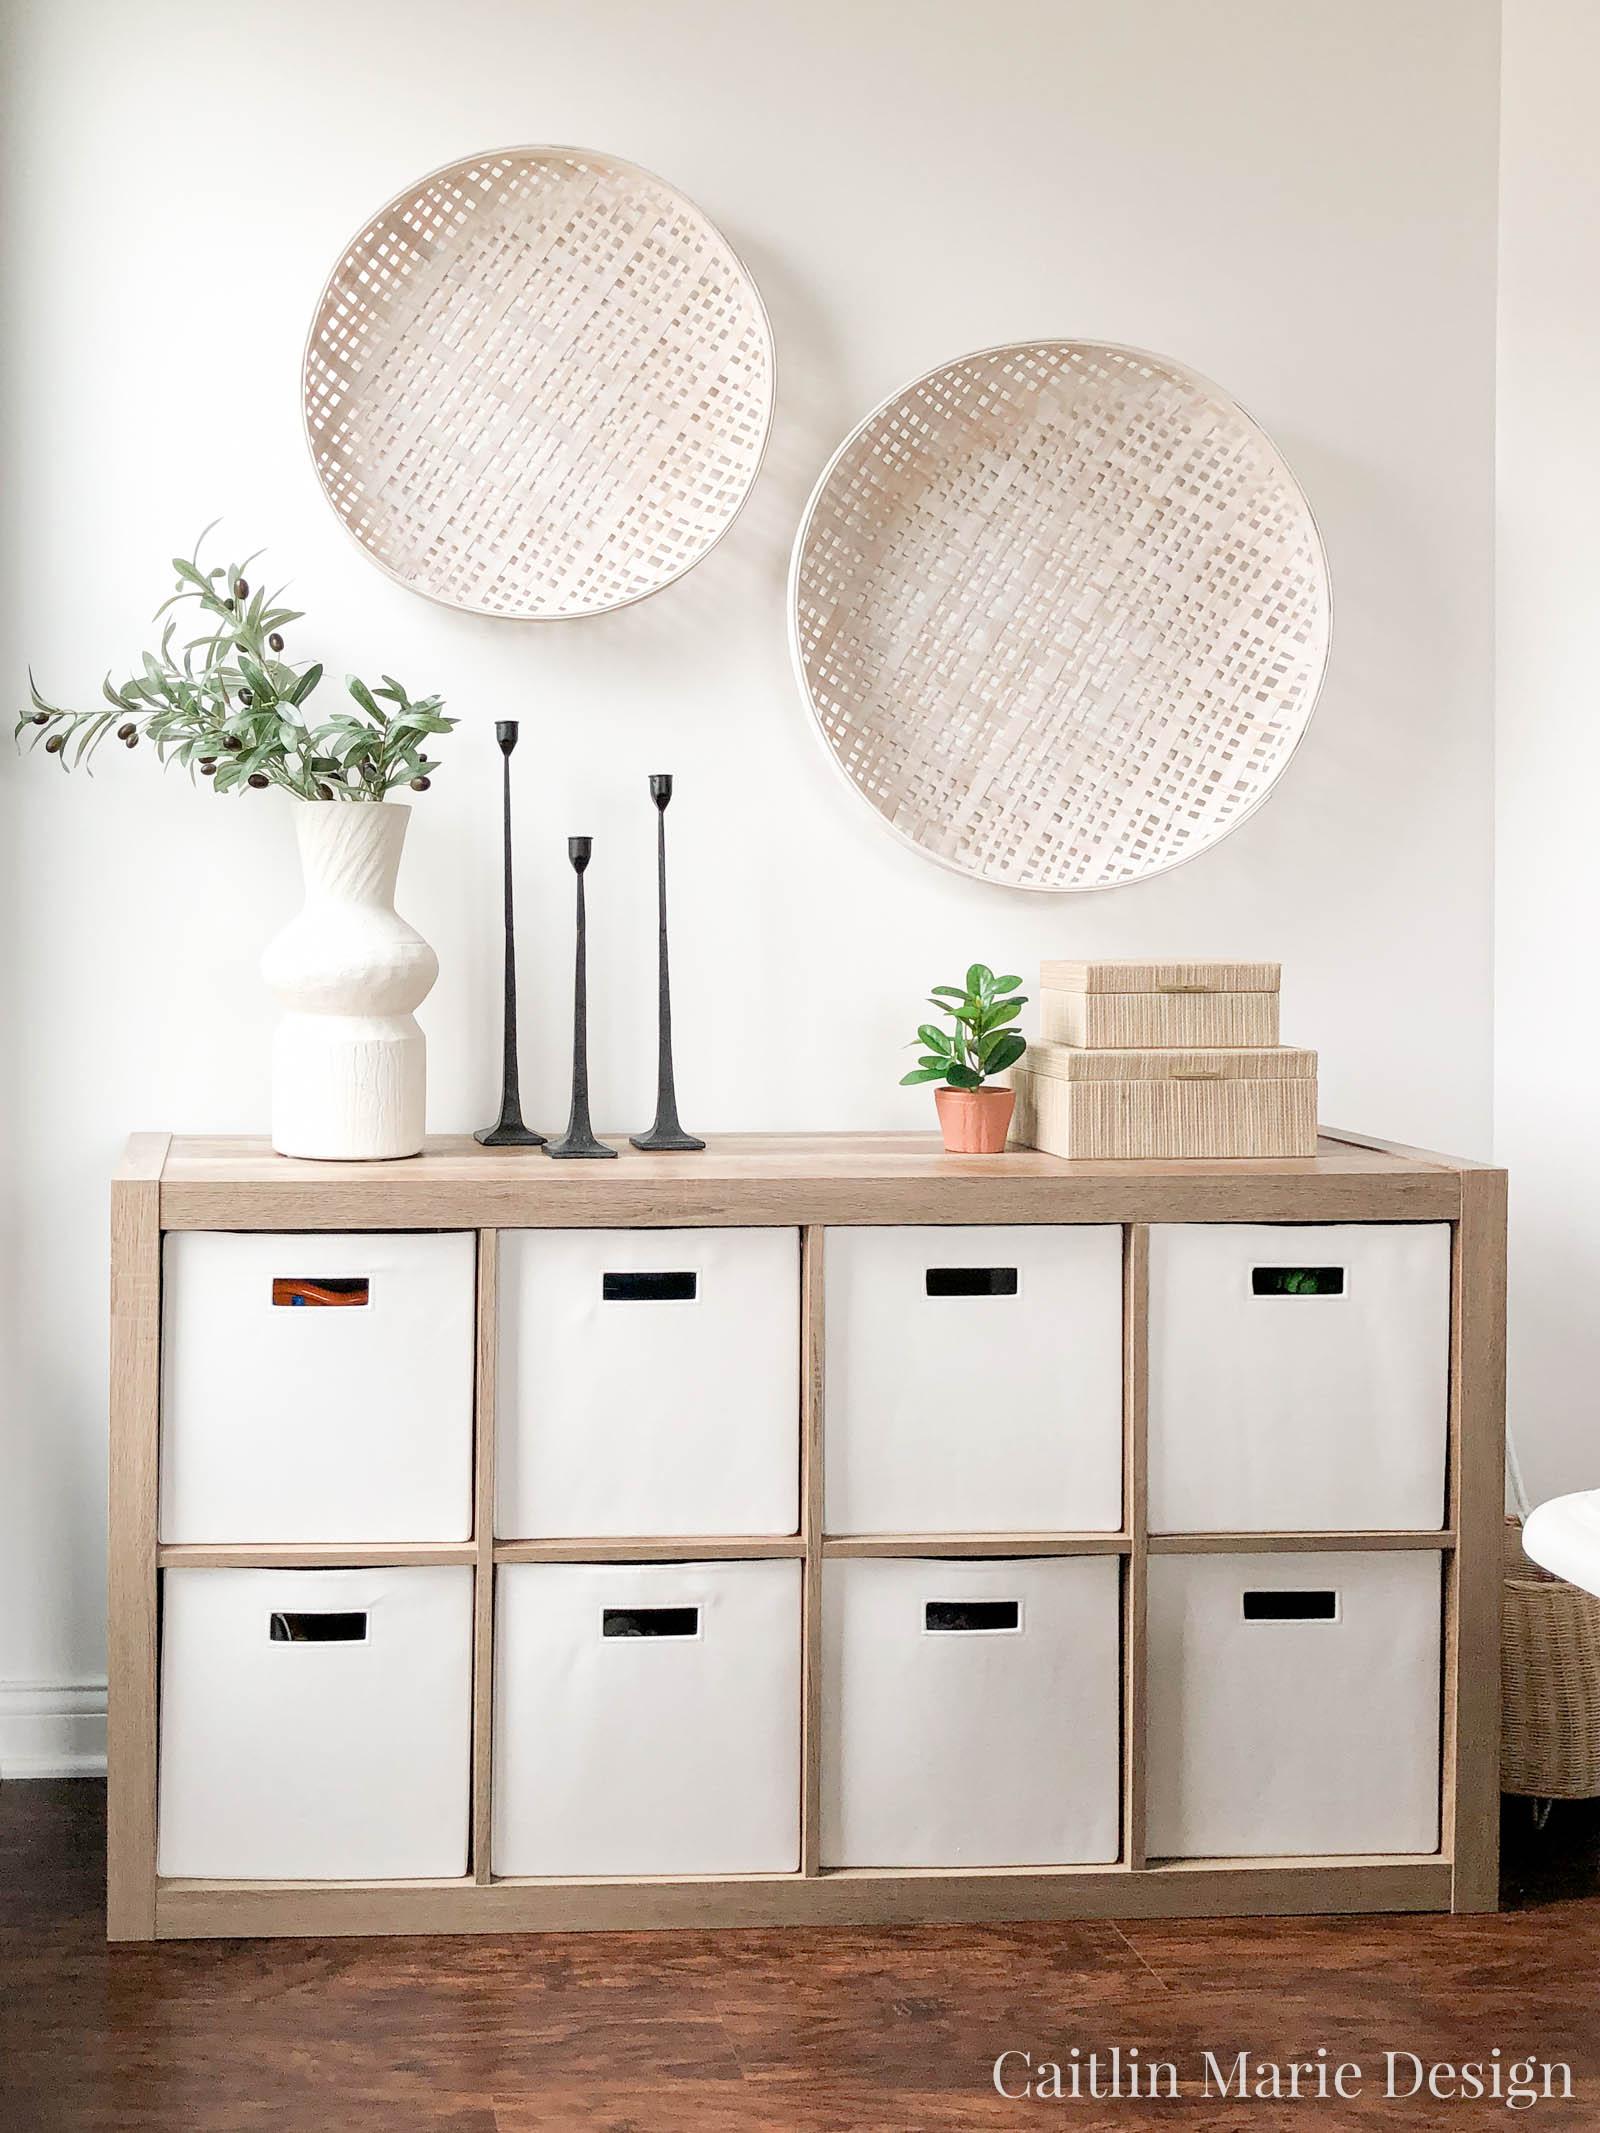 Pretty Toy Storage | cube organizer, toy organization, playroom decor, coastal home, wall baskets, minimalist decor, California casual